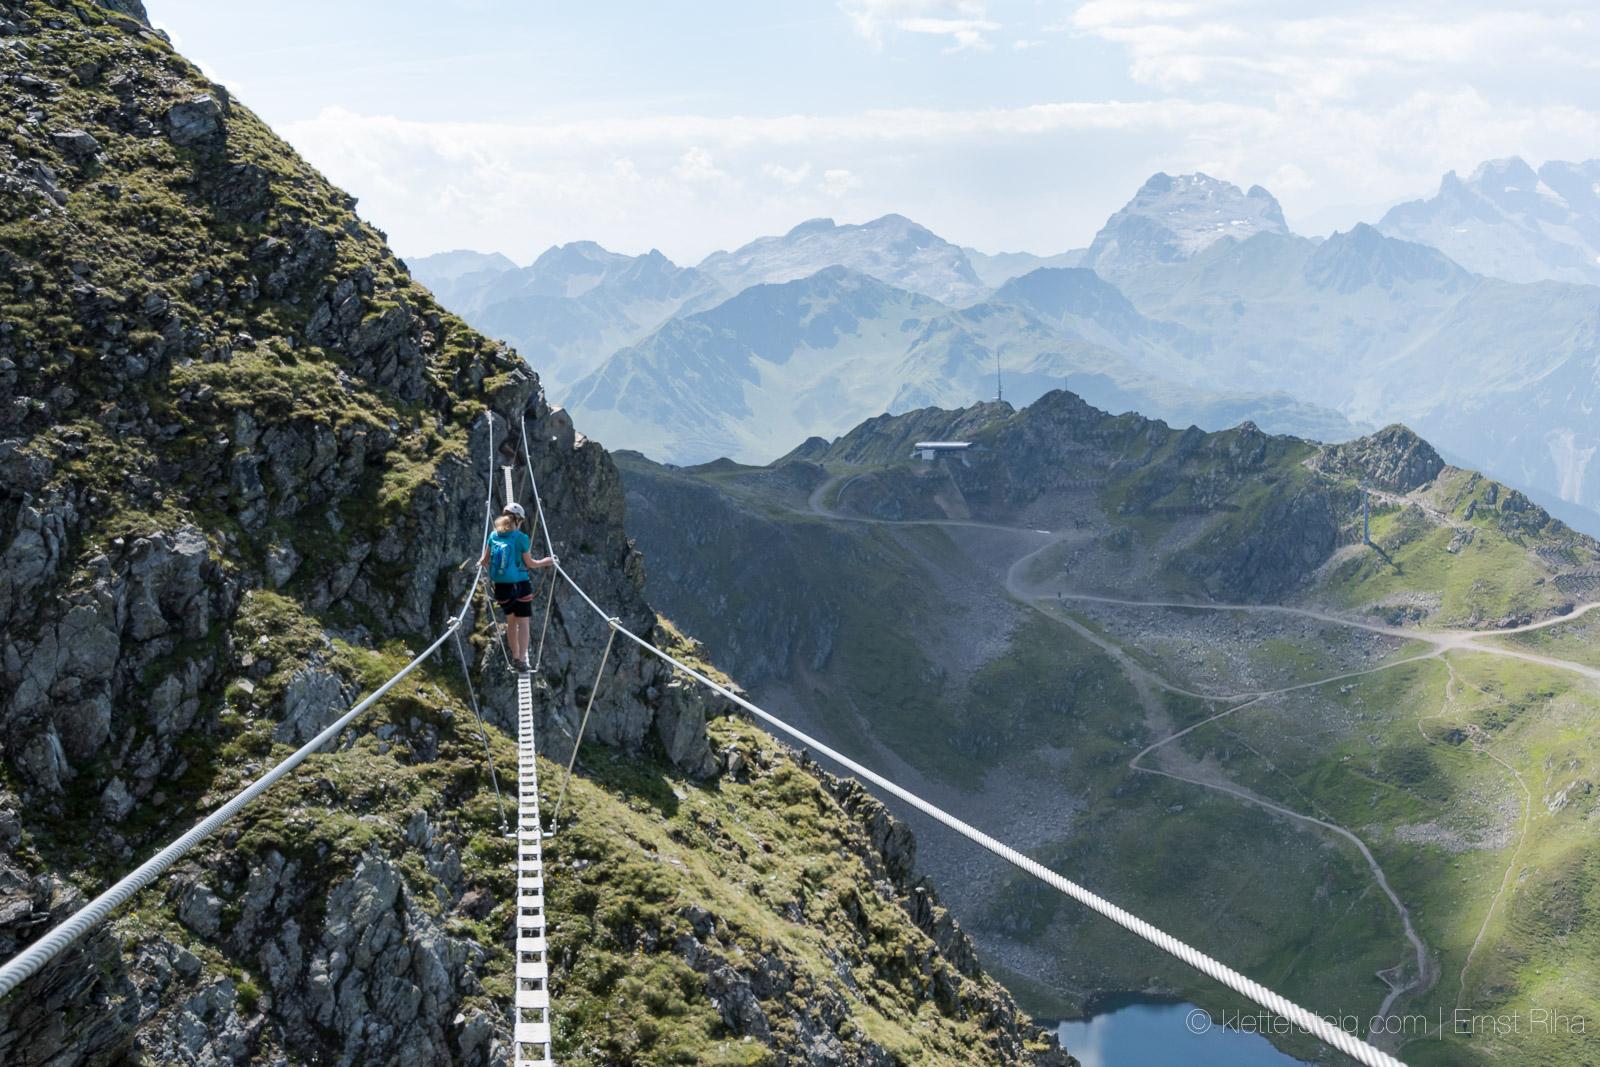 Klettersteig Hochjoch : Neu hochjoch klettersteig u schruns klettersteige